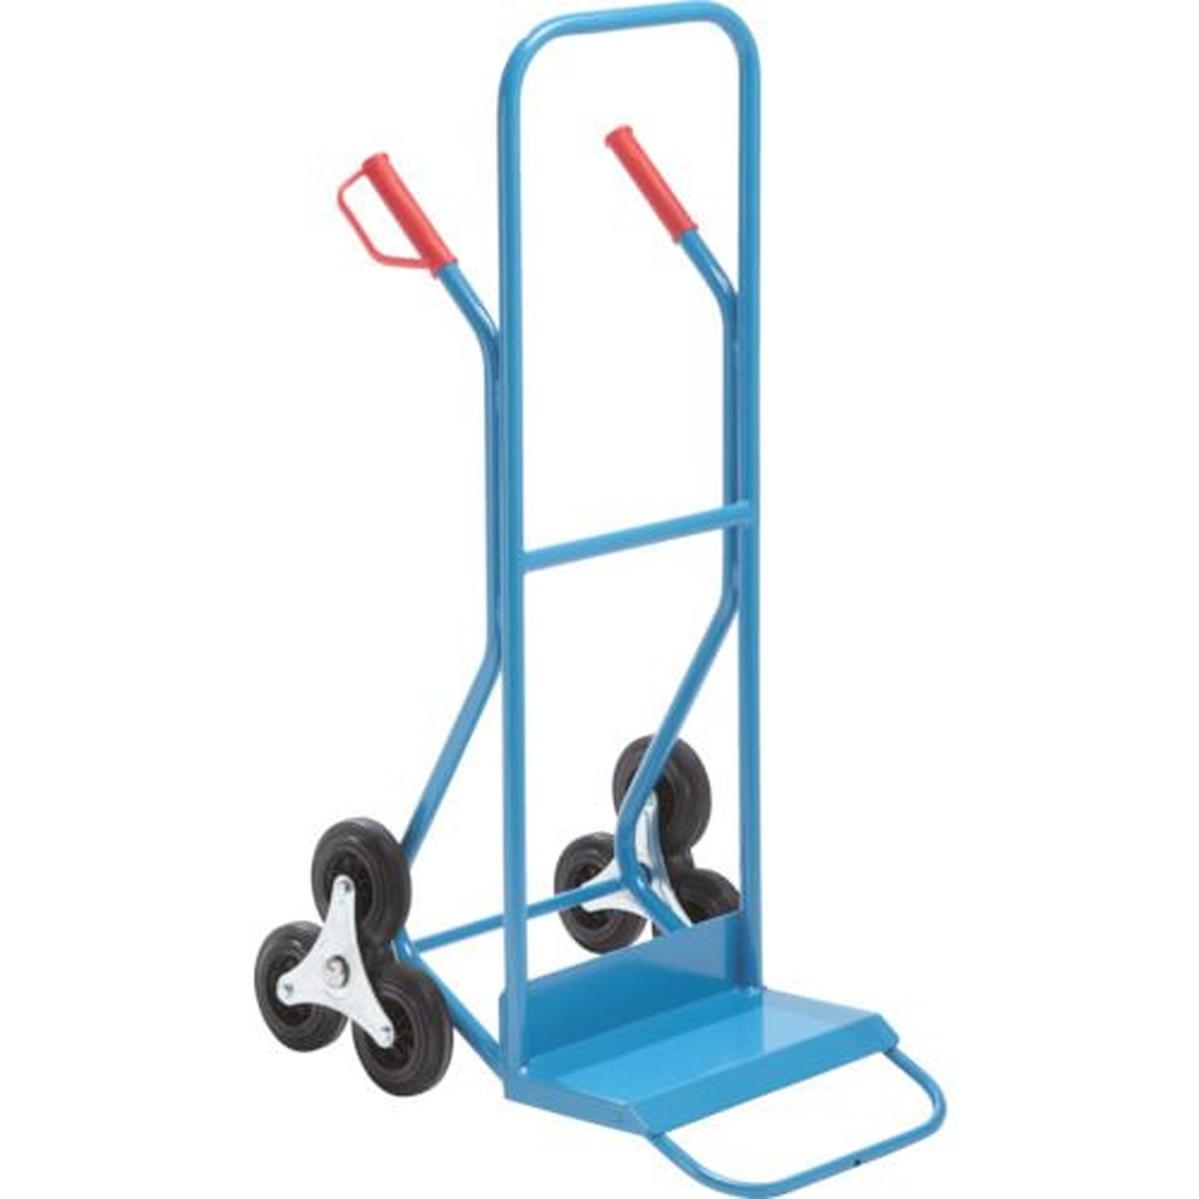 あす楽対応 いつでも送料無料 DIY用品 KAISER 中古 スチール三輪階段昇降機 250kg 1台